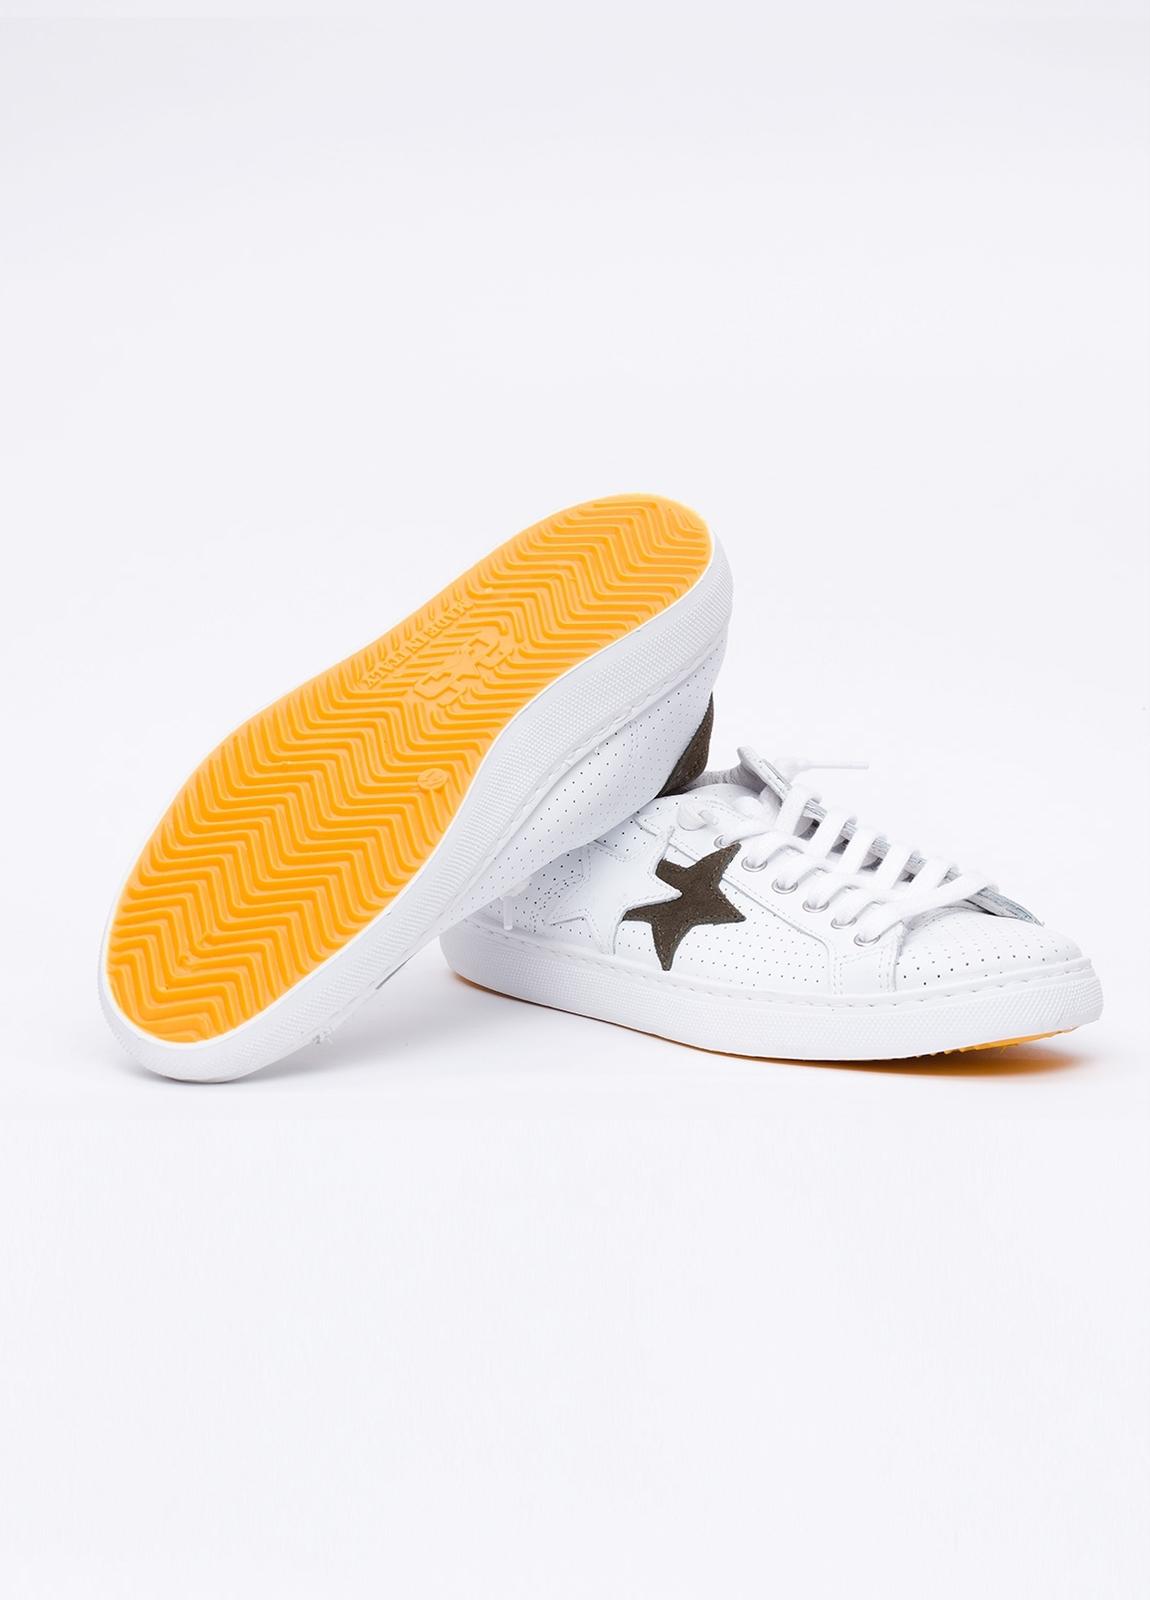 Calzado sport color blanco con detalles marrones. 100% Piel. - Ítem1